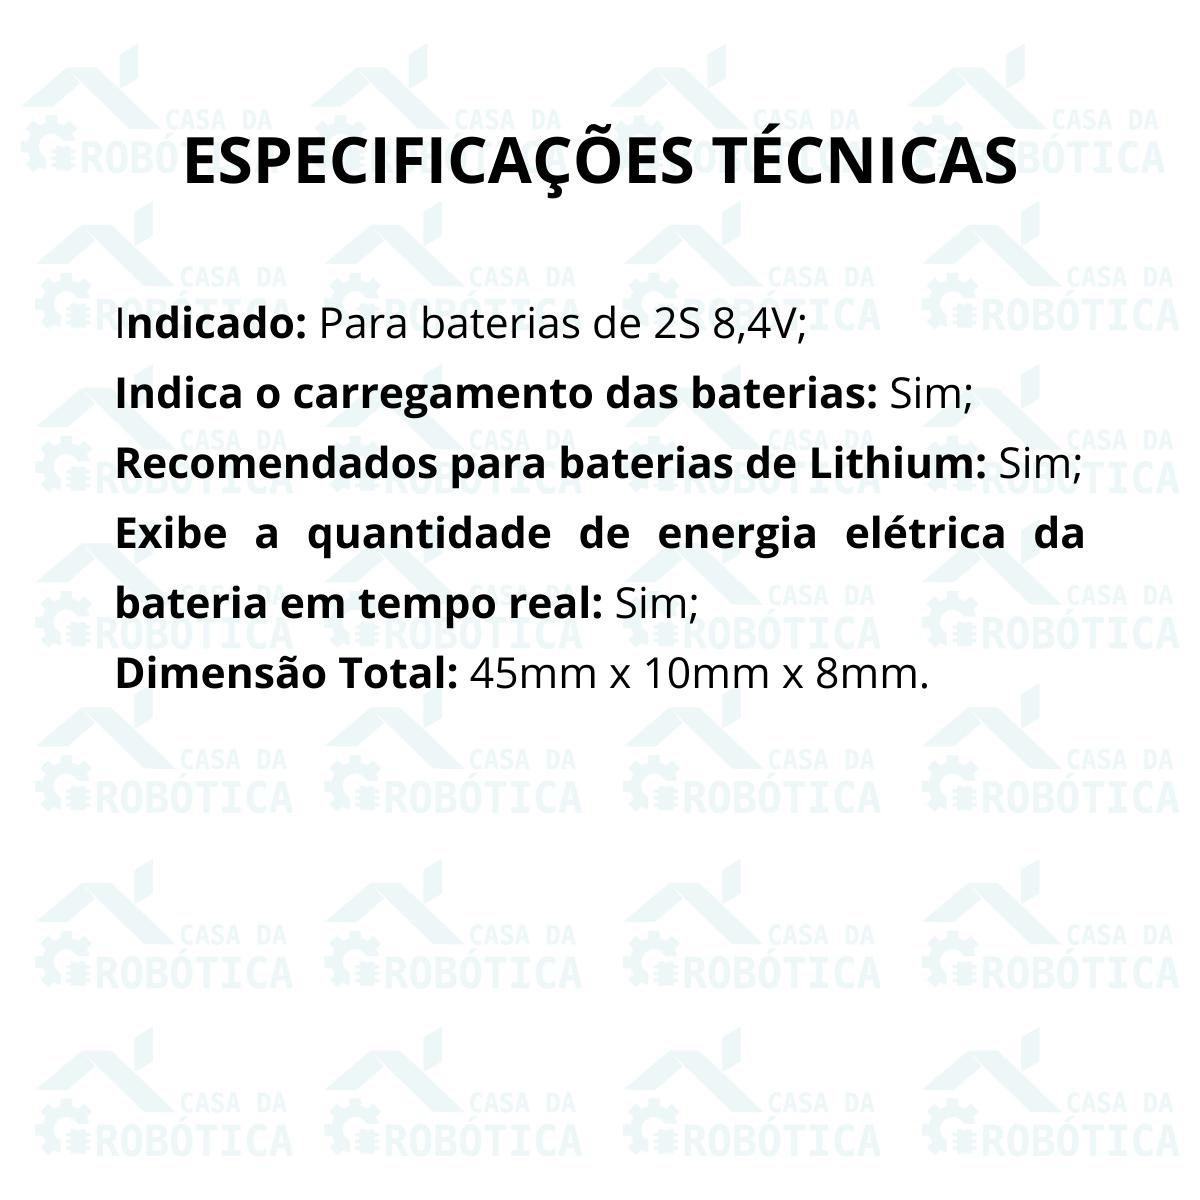 Voltímetro Indicador de Nível de Carga para Baterias 2S 8,4V